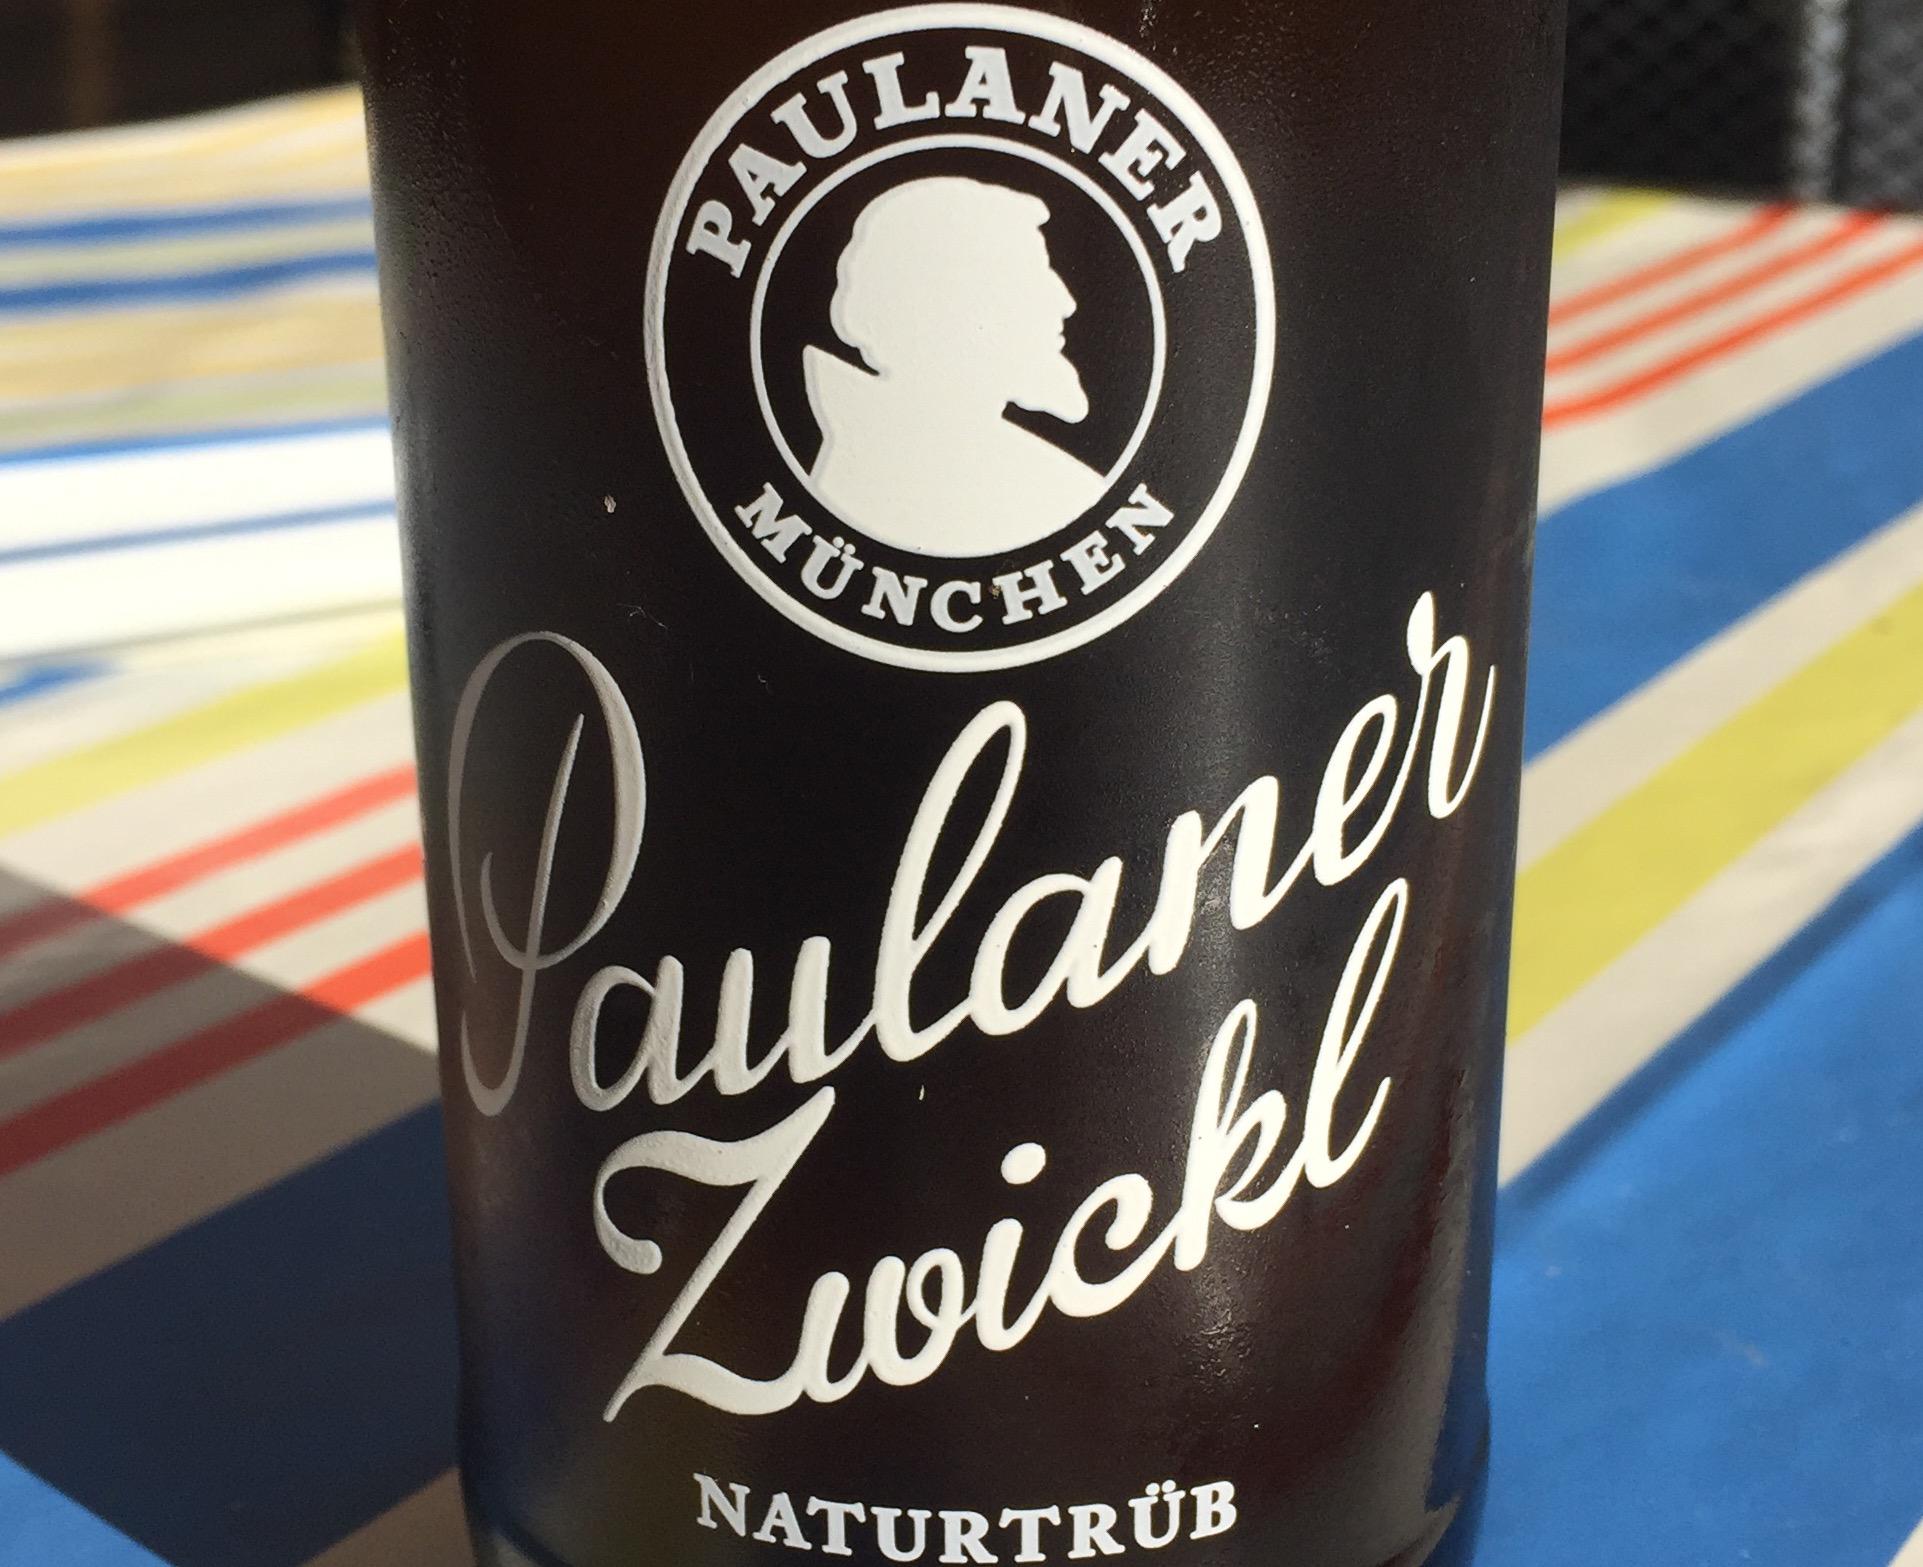 Paulaner - Zwickl